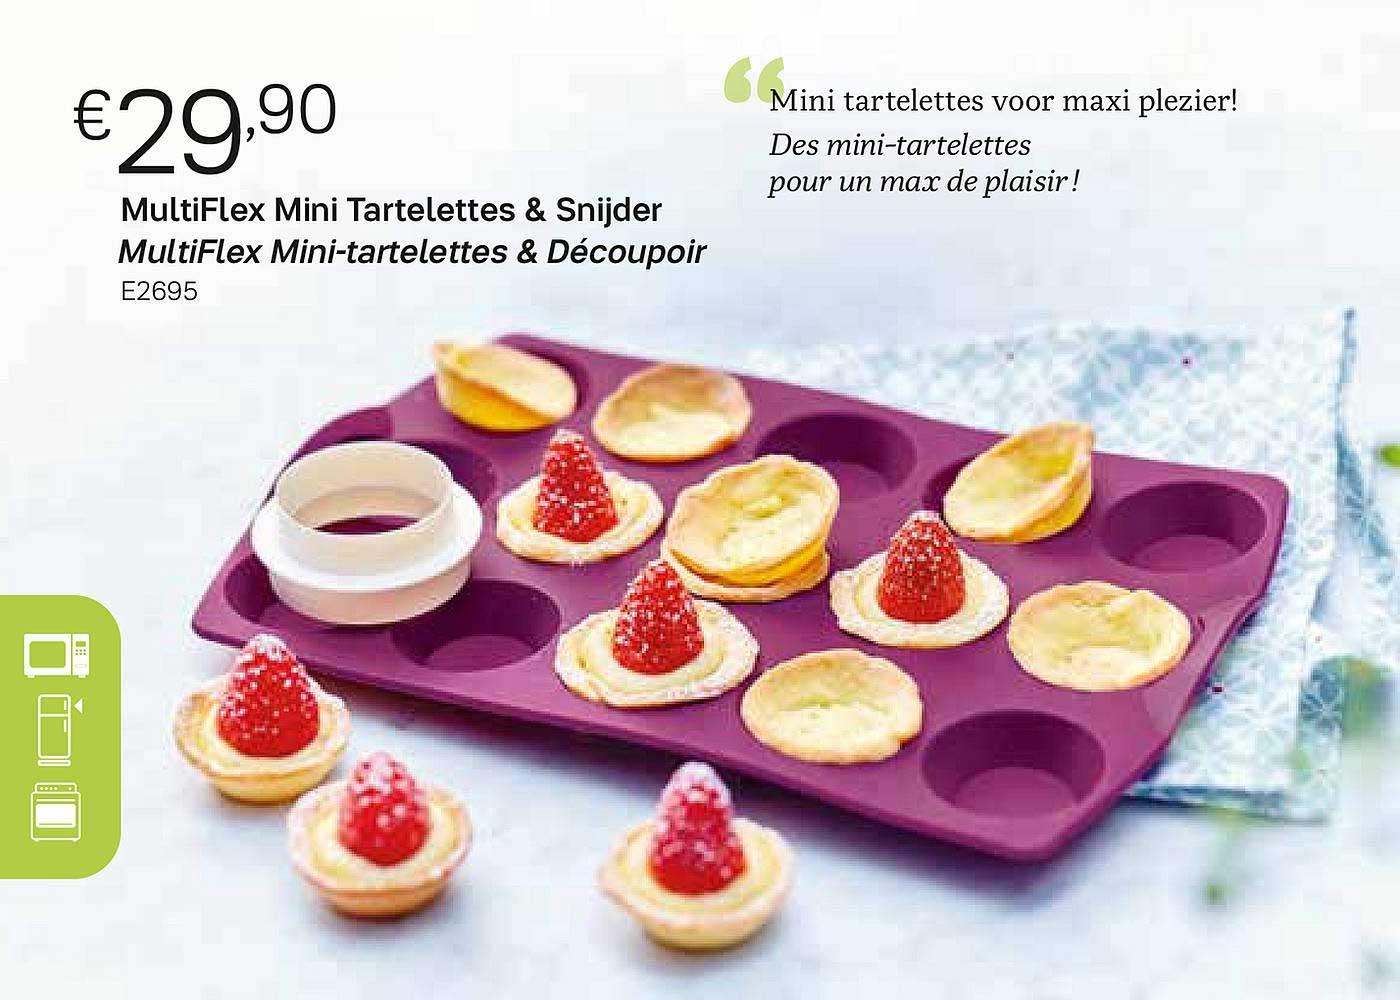 Tupperware Multiflex Mini Tartelettes & Snijder